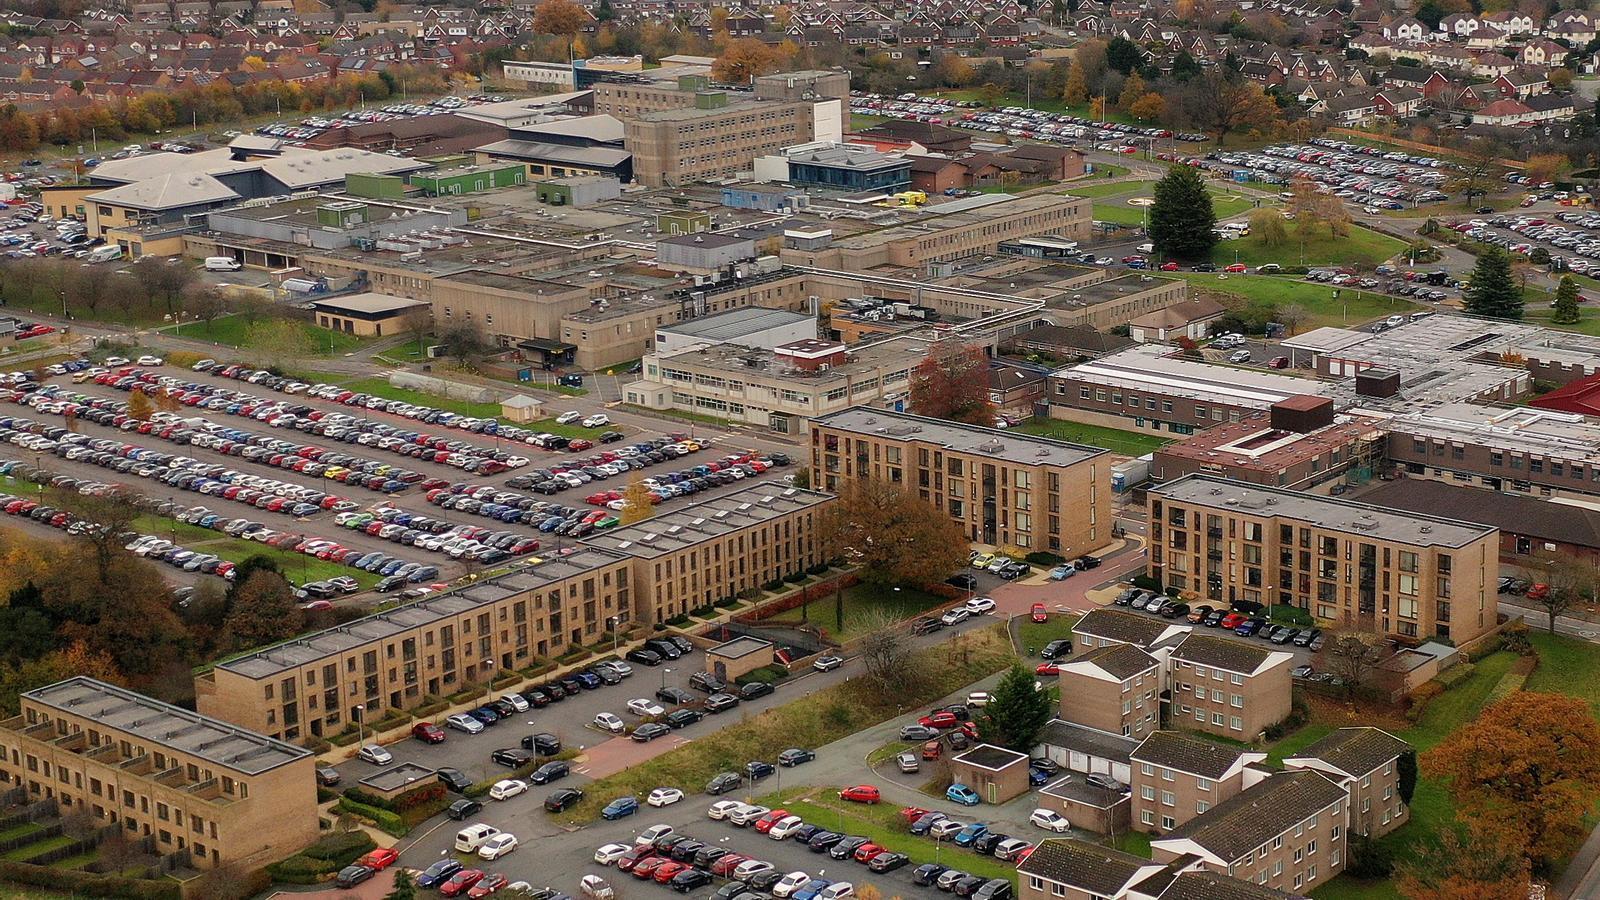 L'hospitals públics Royal Shrewsbury, en una imatge aèria